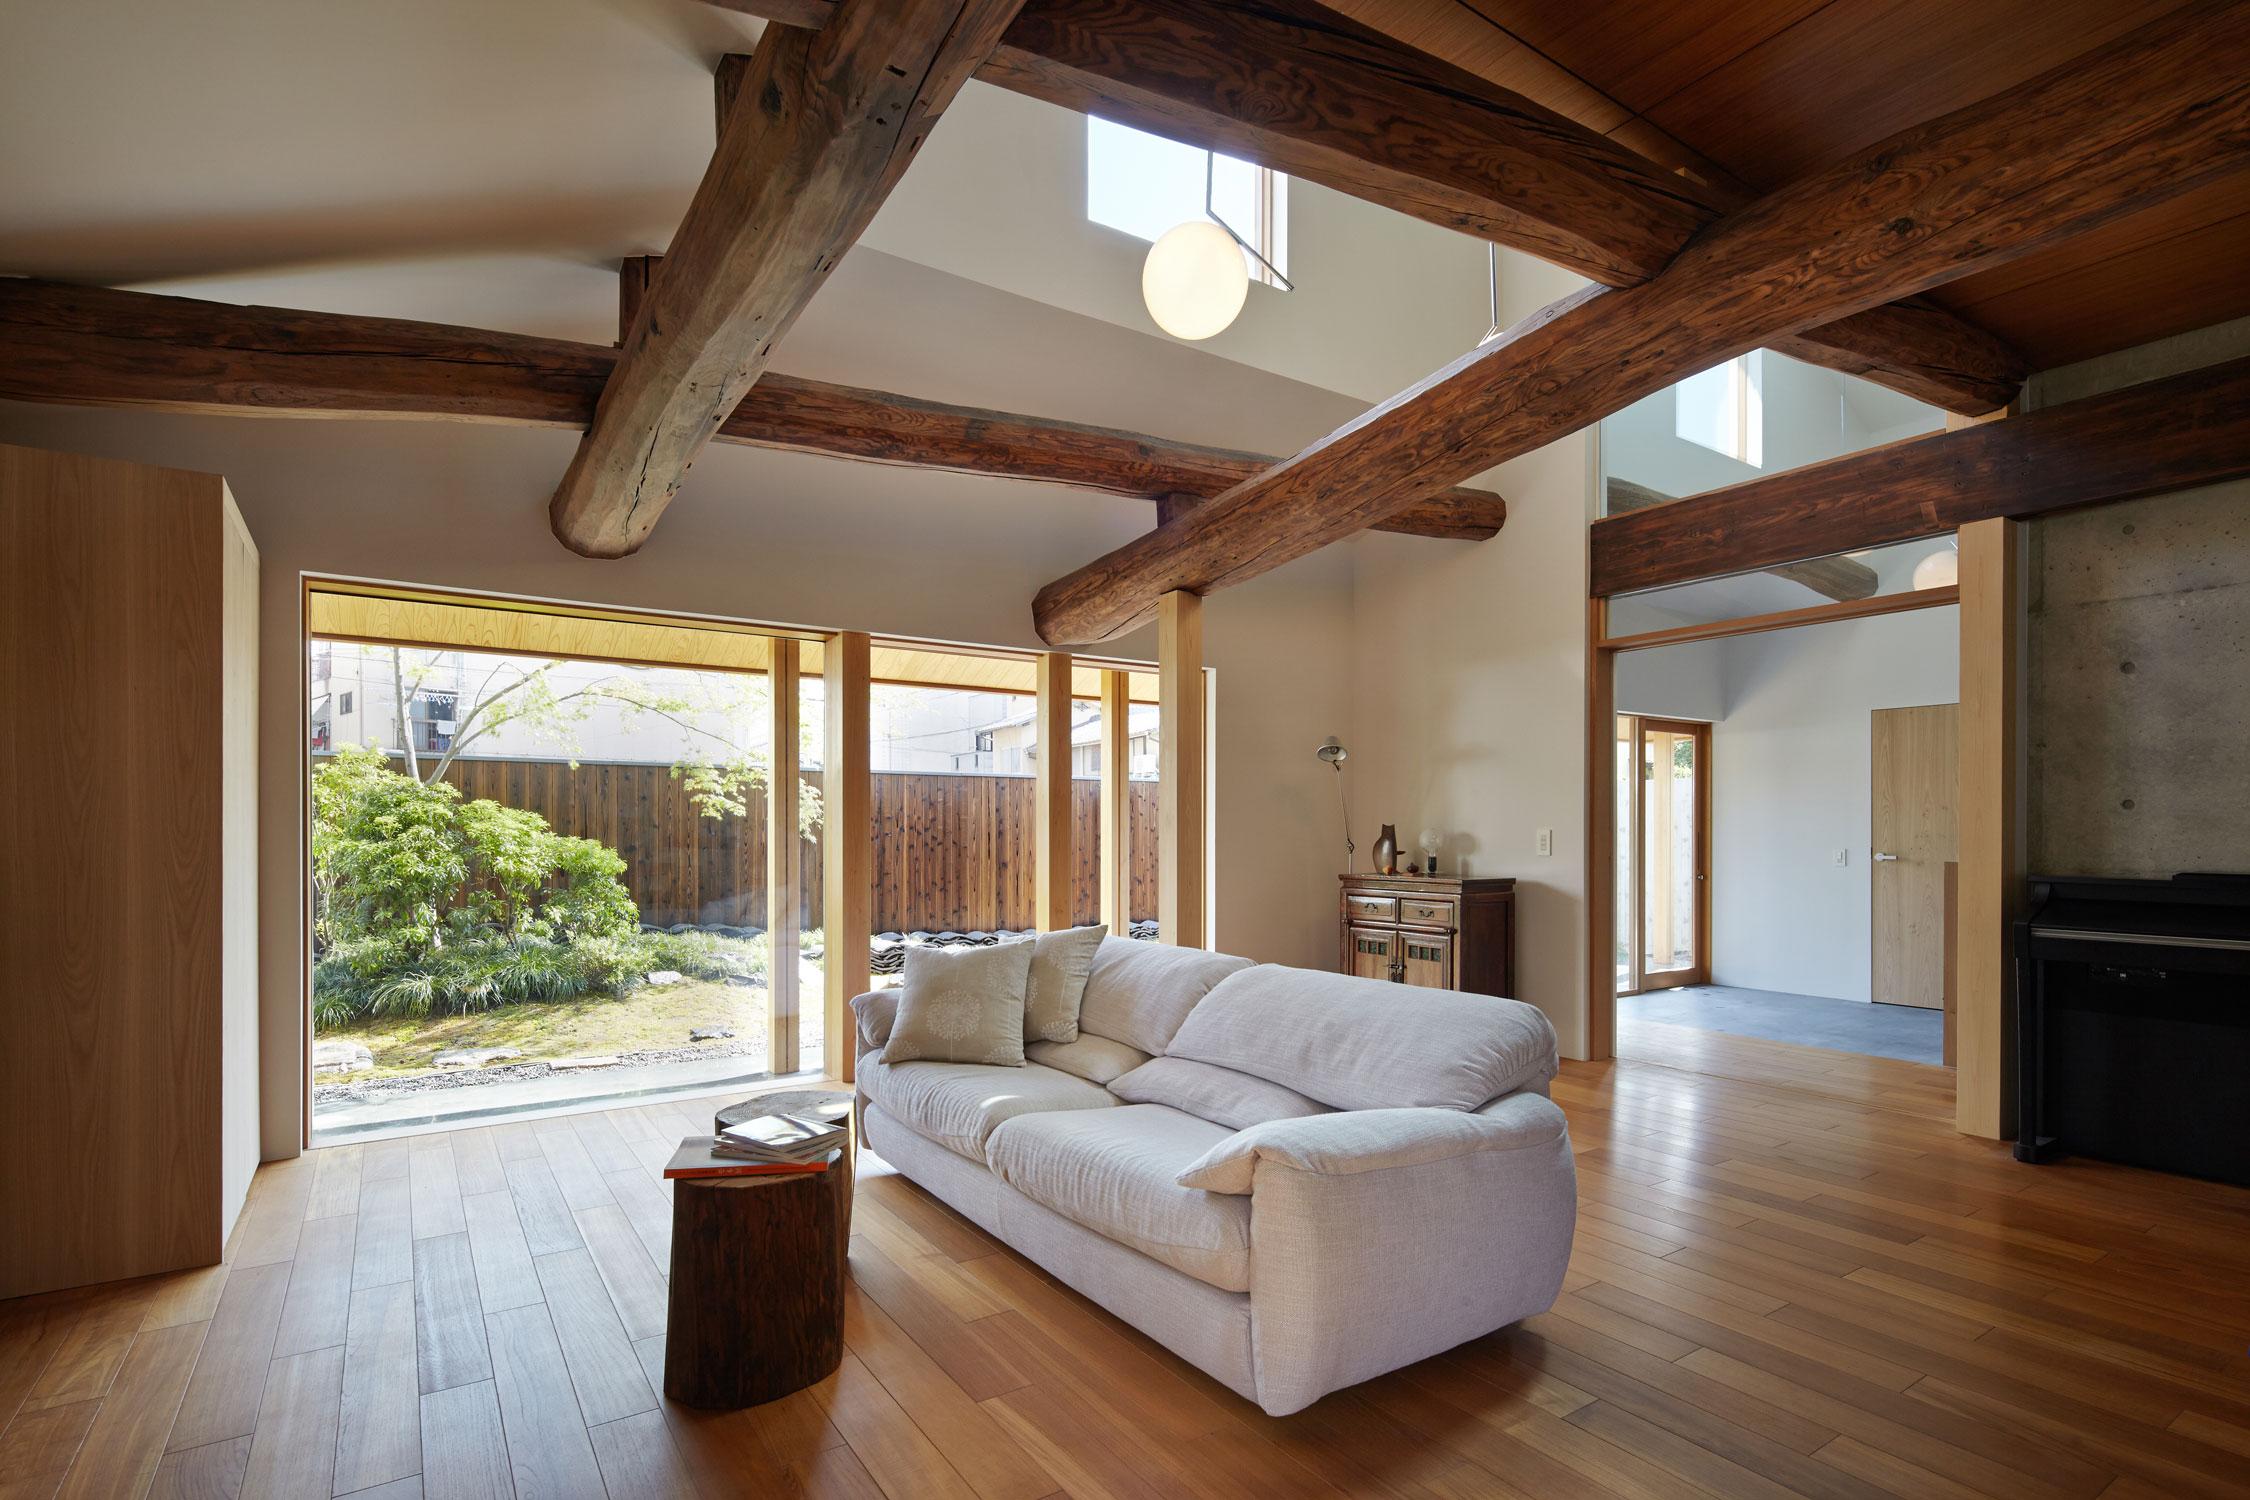 京都の一級建築士事務所こより・西国街道沿いの家